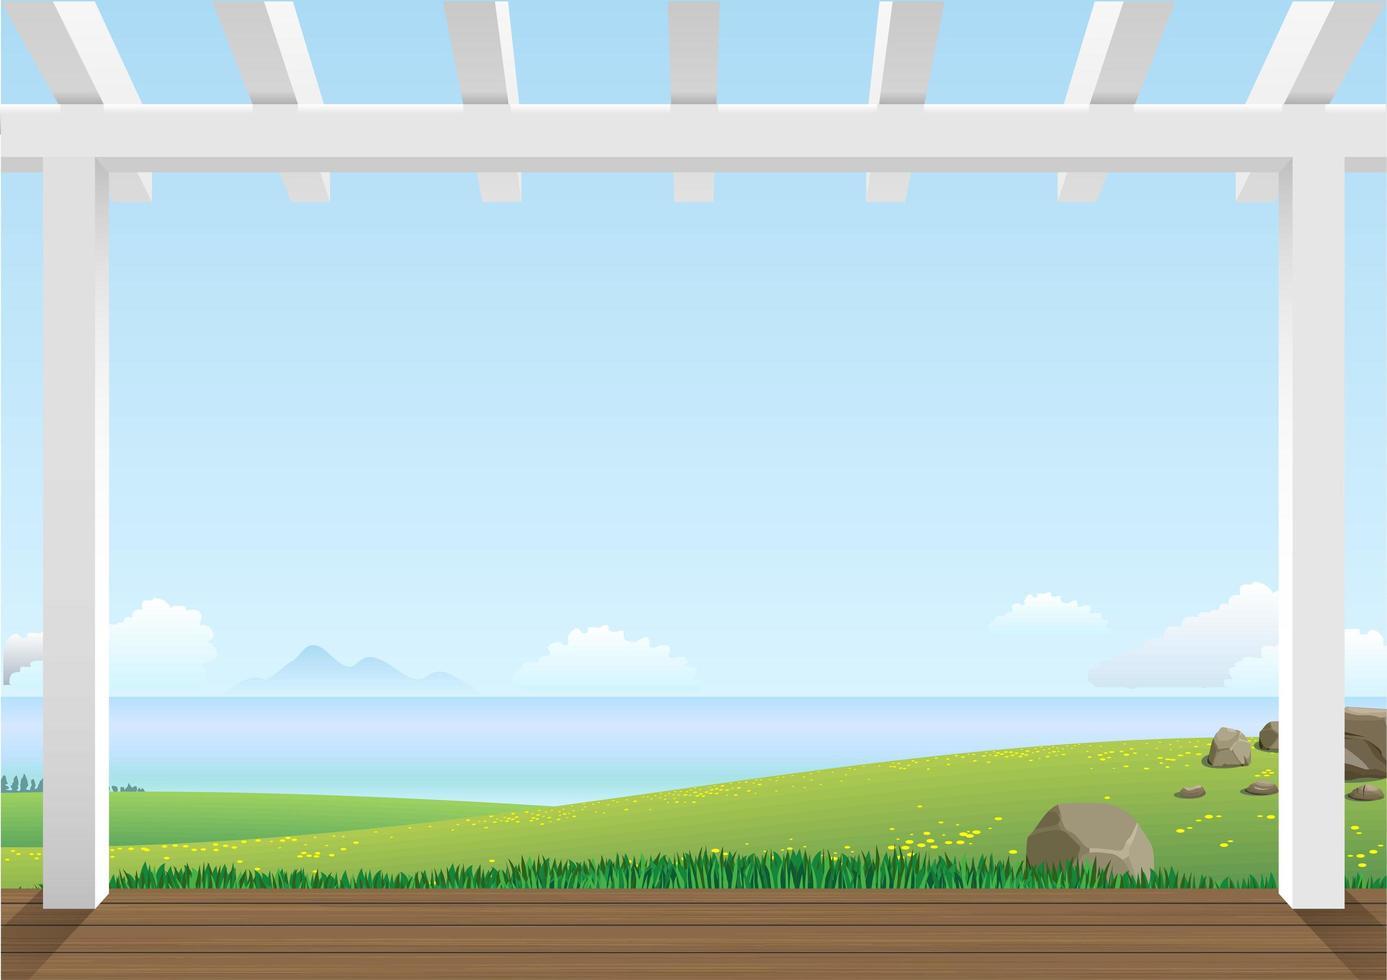 Landschaftsansicht mit grünen Hügeln vektor